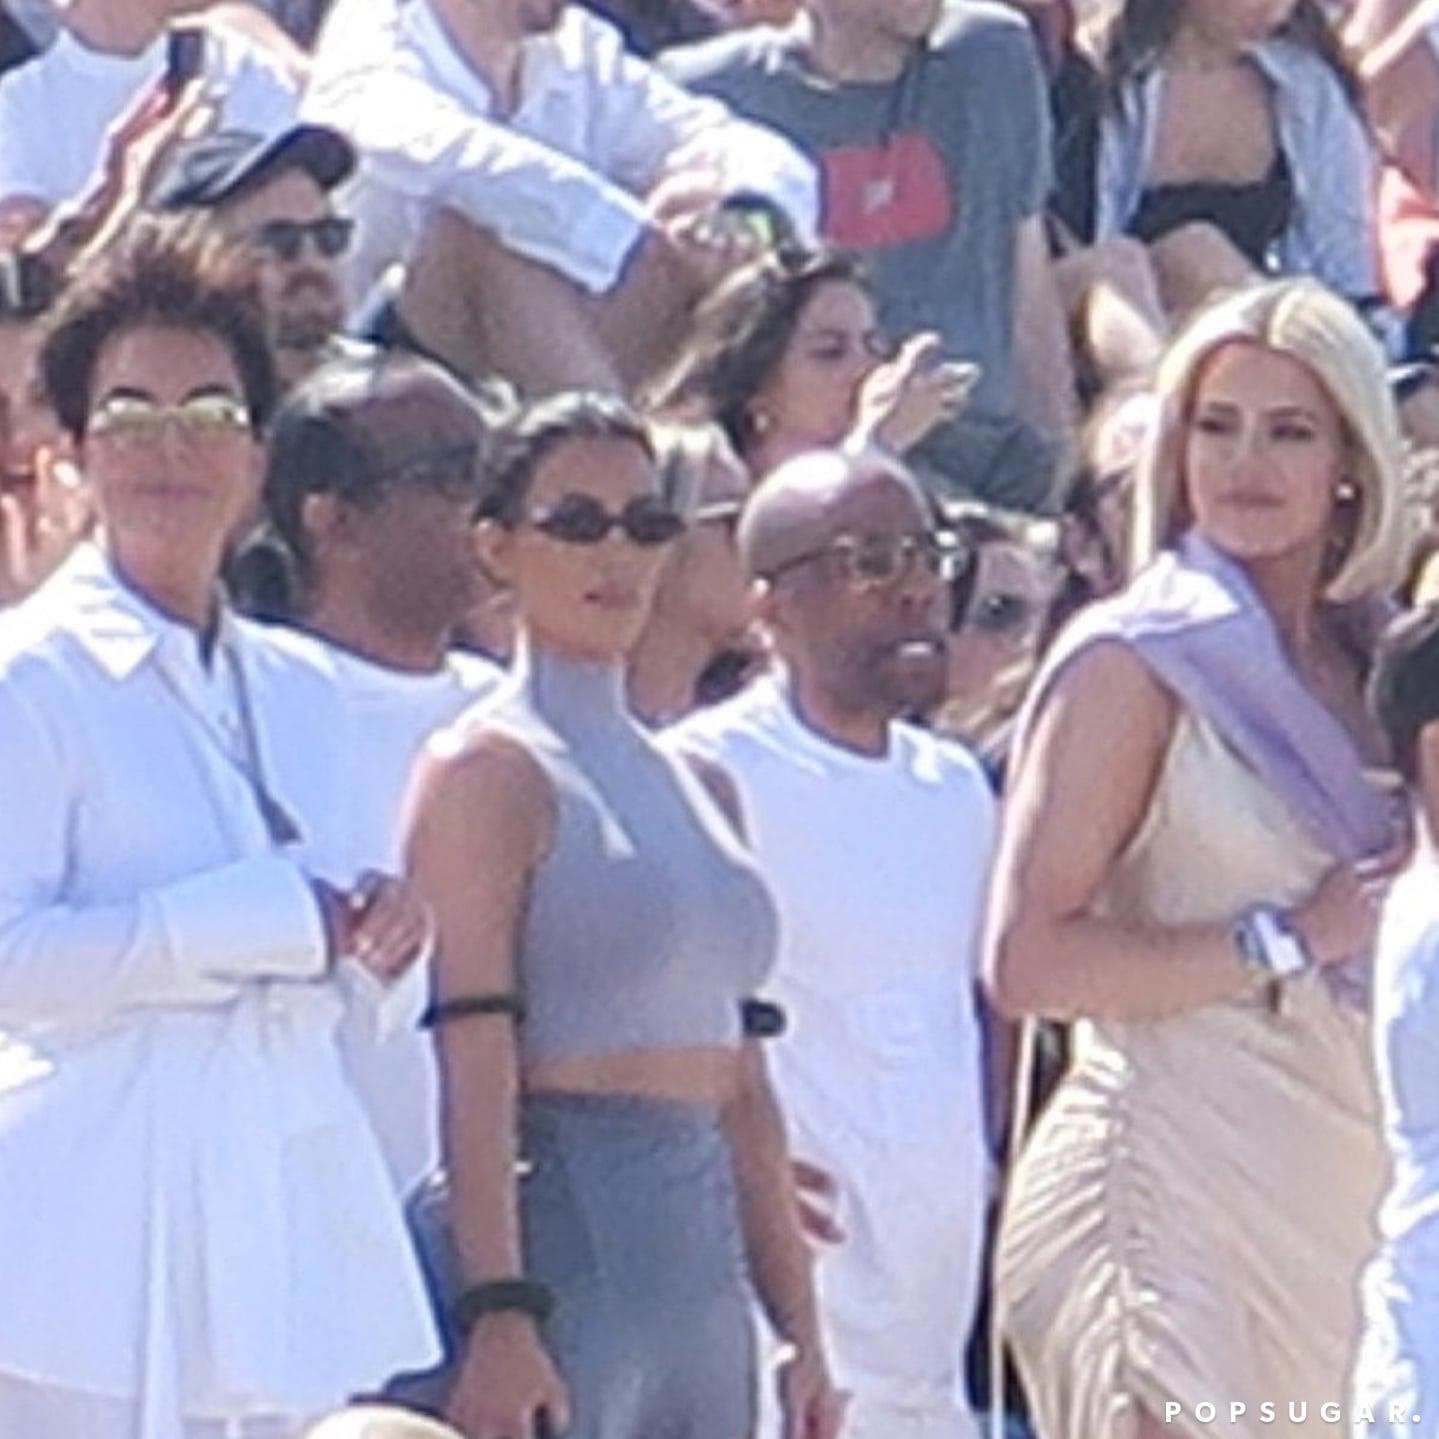 44aab795c The Kardashians at Kanye West's Coachella Sunday Service | POPSUGAR  Celebrity